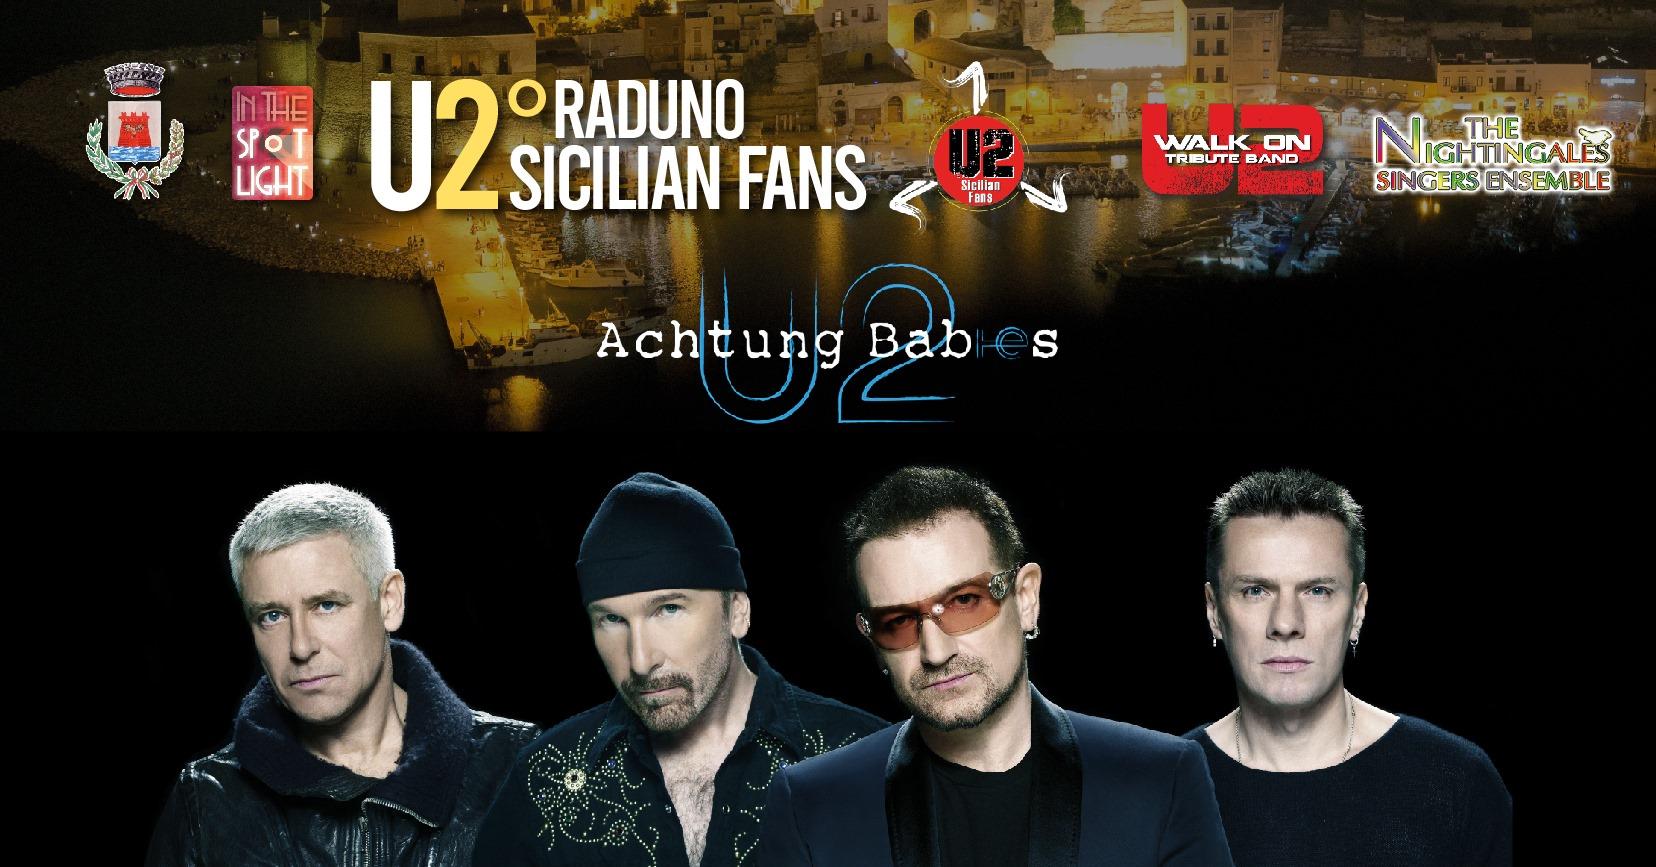 2° raduto U2 Sicilian Fans - 30 agosto 2019 - In The Spot Light